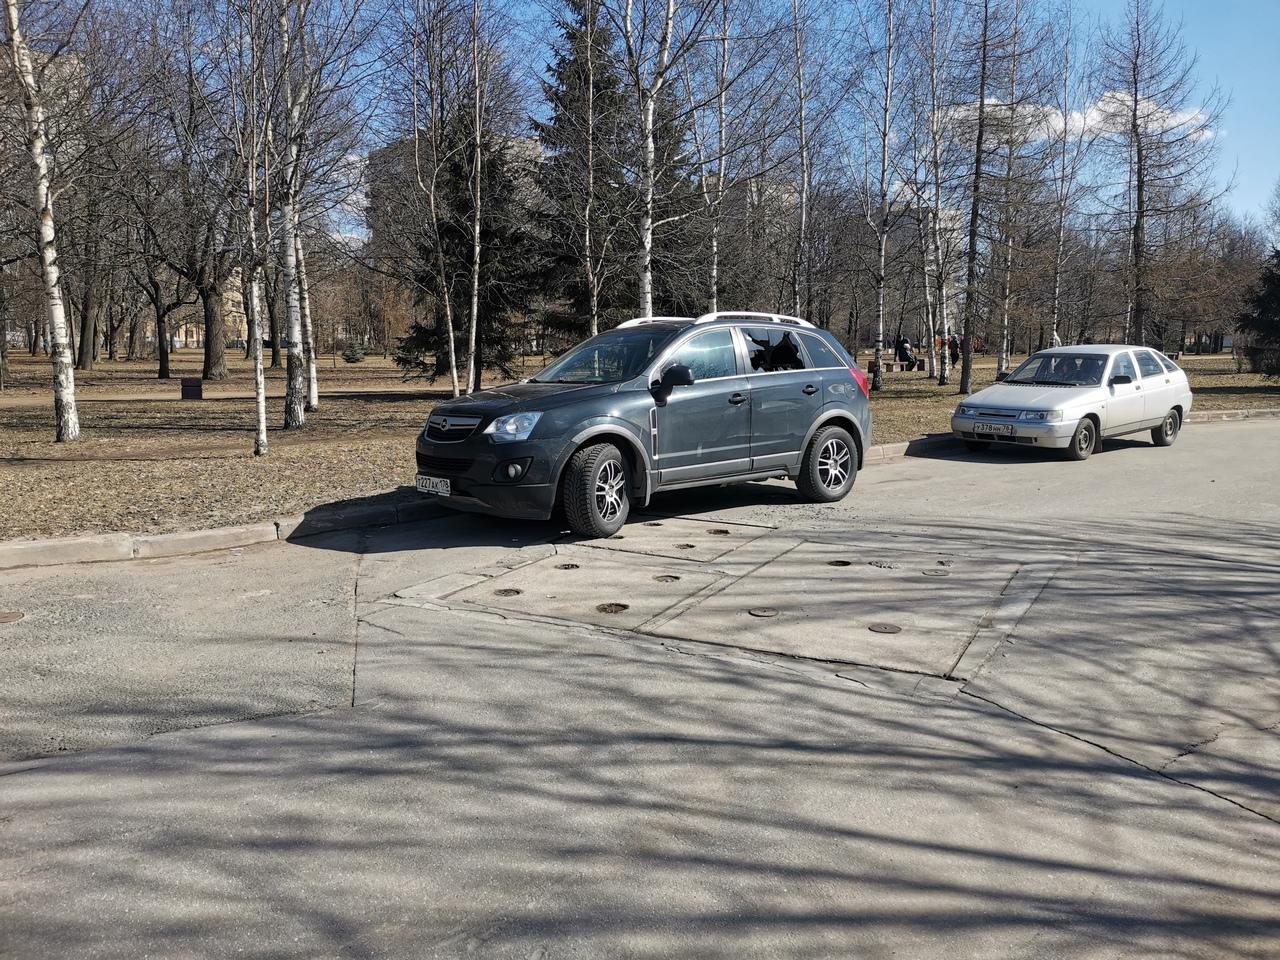 Сегодня стал свидетелем кражи чего то из автомобиля Opel Antara гос.номер т227ак178 в 13:00 11.04.20...